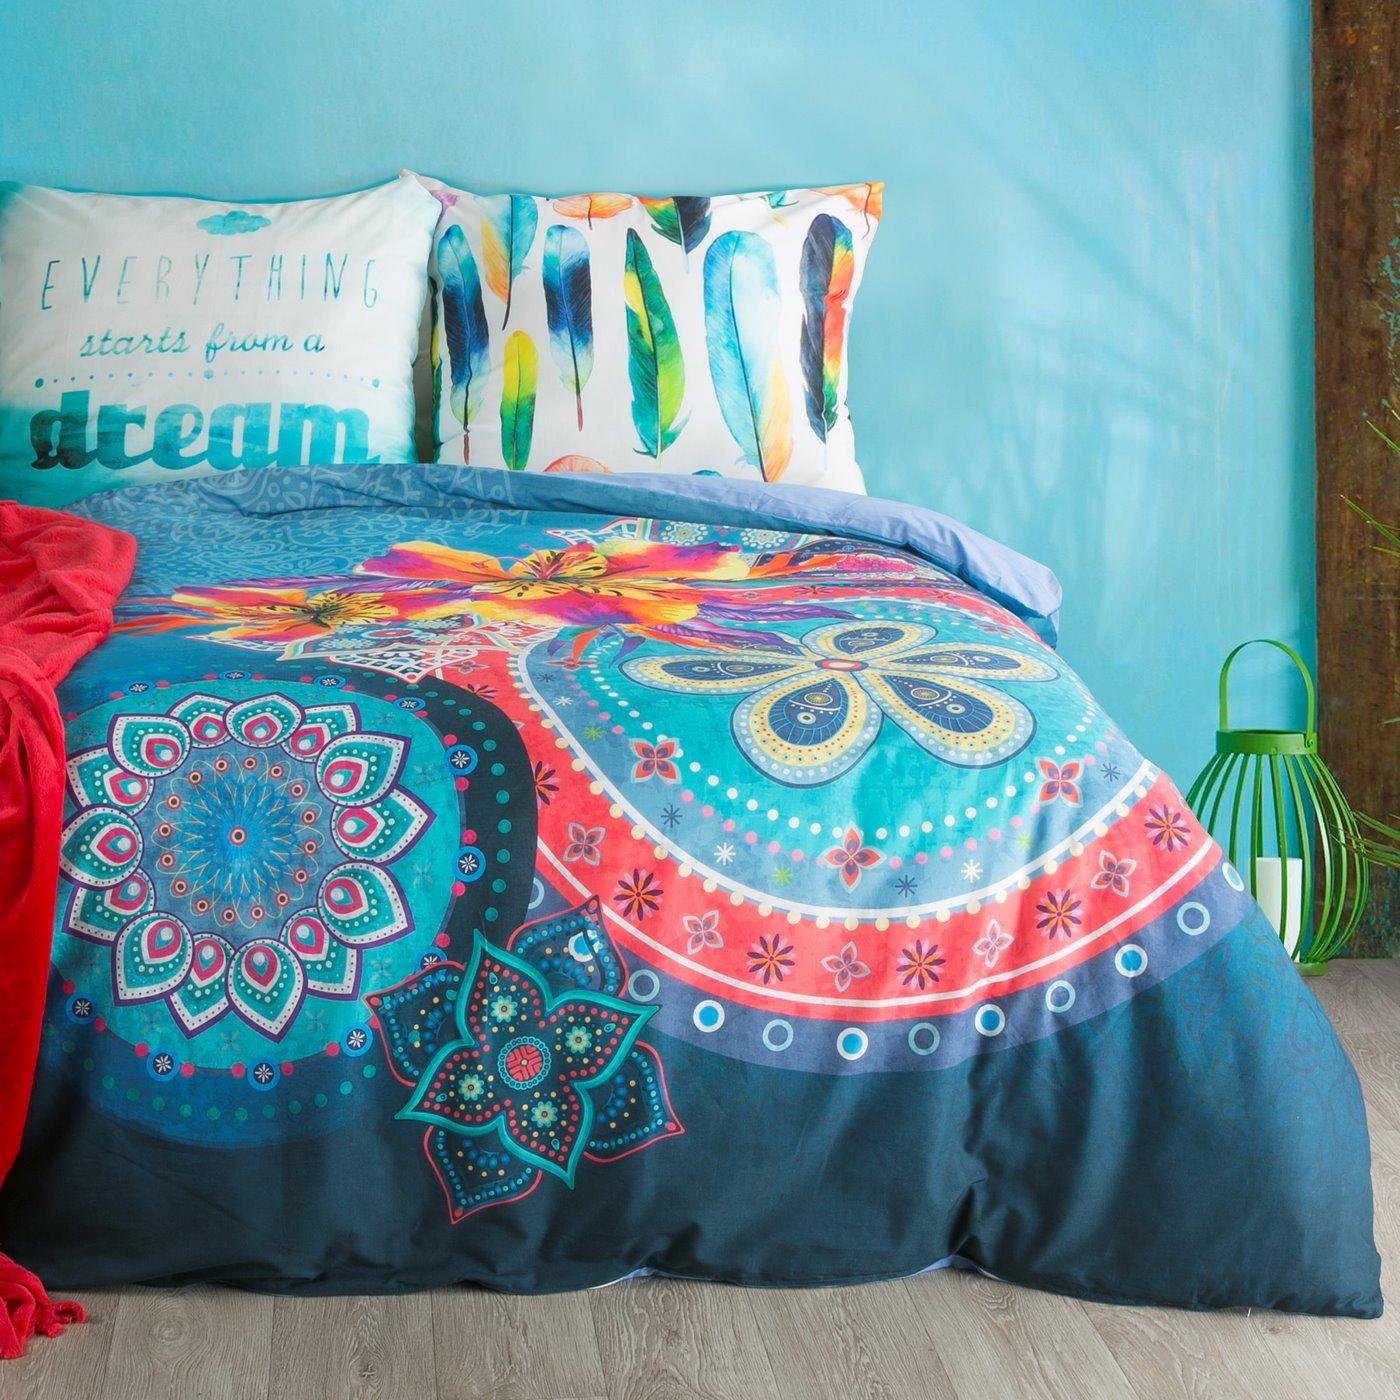 Komplet pościeli z bawełny hiszpańskiej 160 x 200 cm, 2 szt. 70 x 80 styl boho bawełna hiszpańska